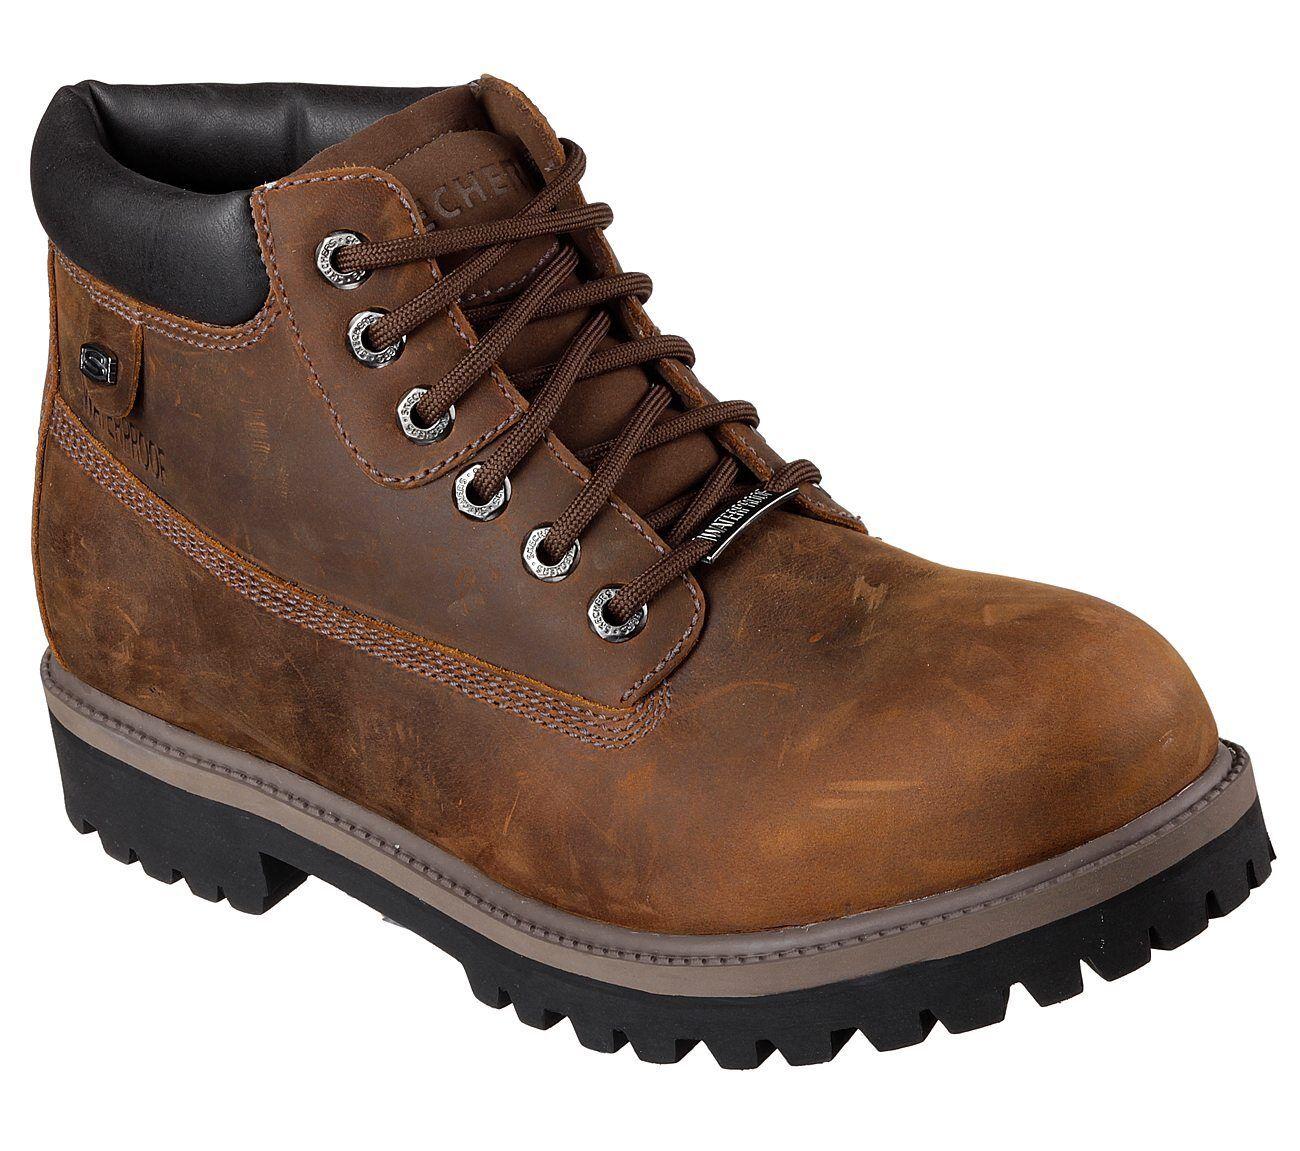 Skechers 4442 Cdb Men's Verdict Boot 10